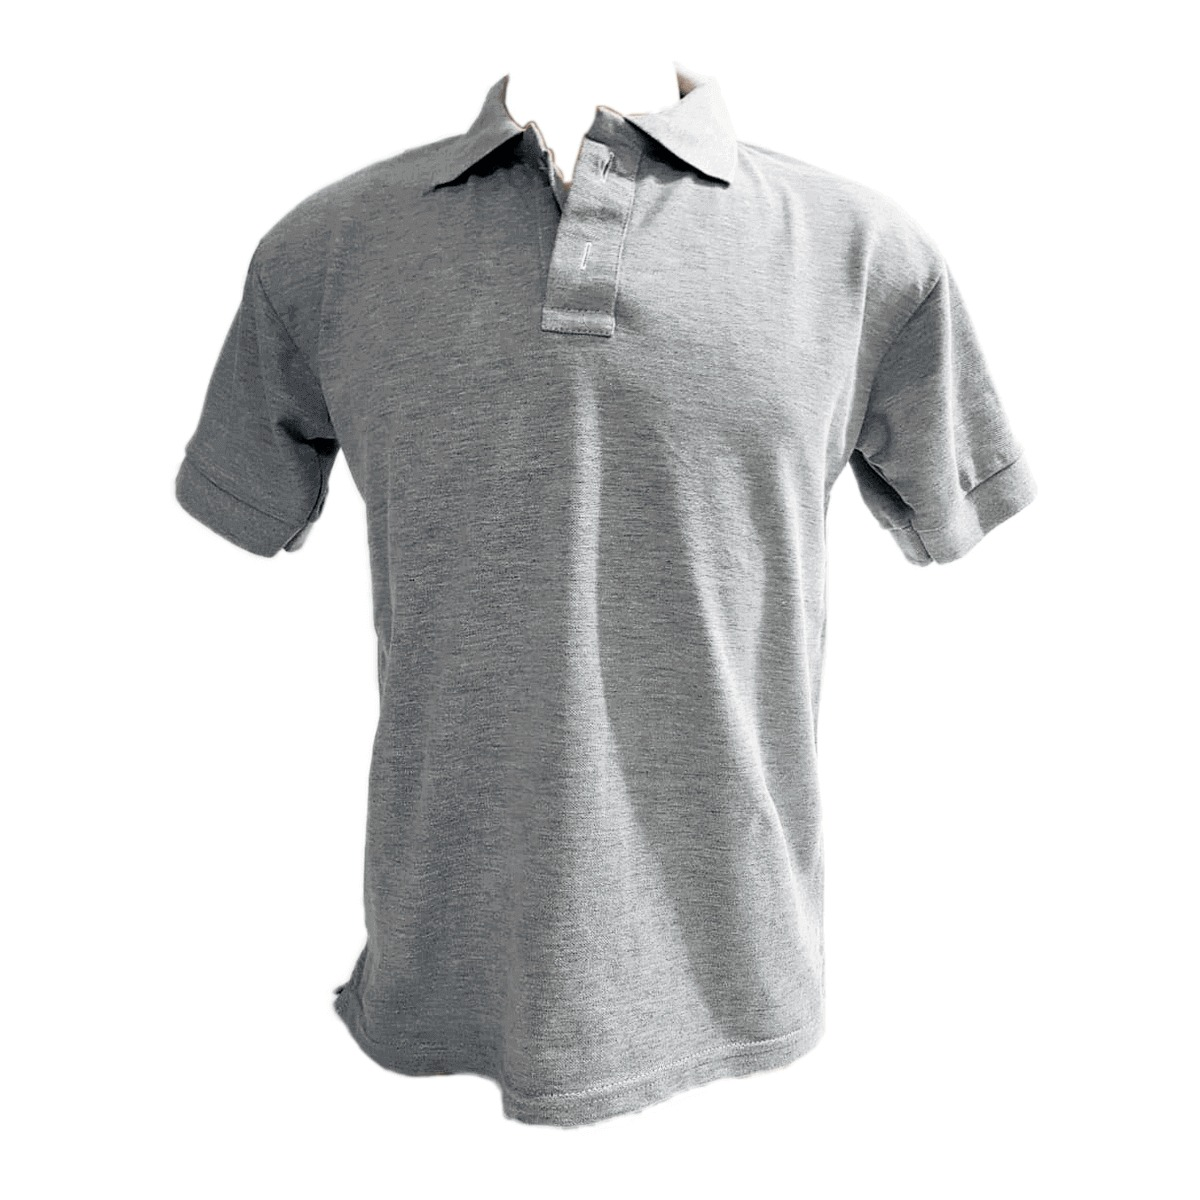 Kit 40 Camisa Polo Masculina Lisa Top - R  654,90 em Mercado Livre 8c5e16a5ce